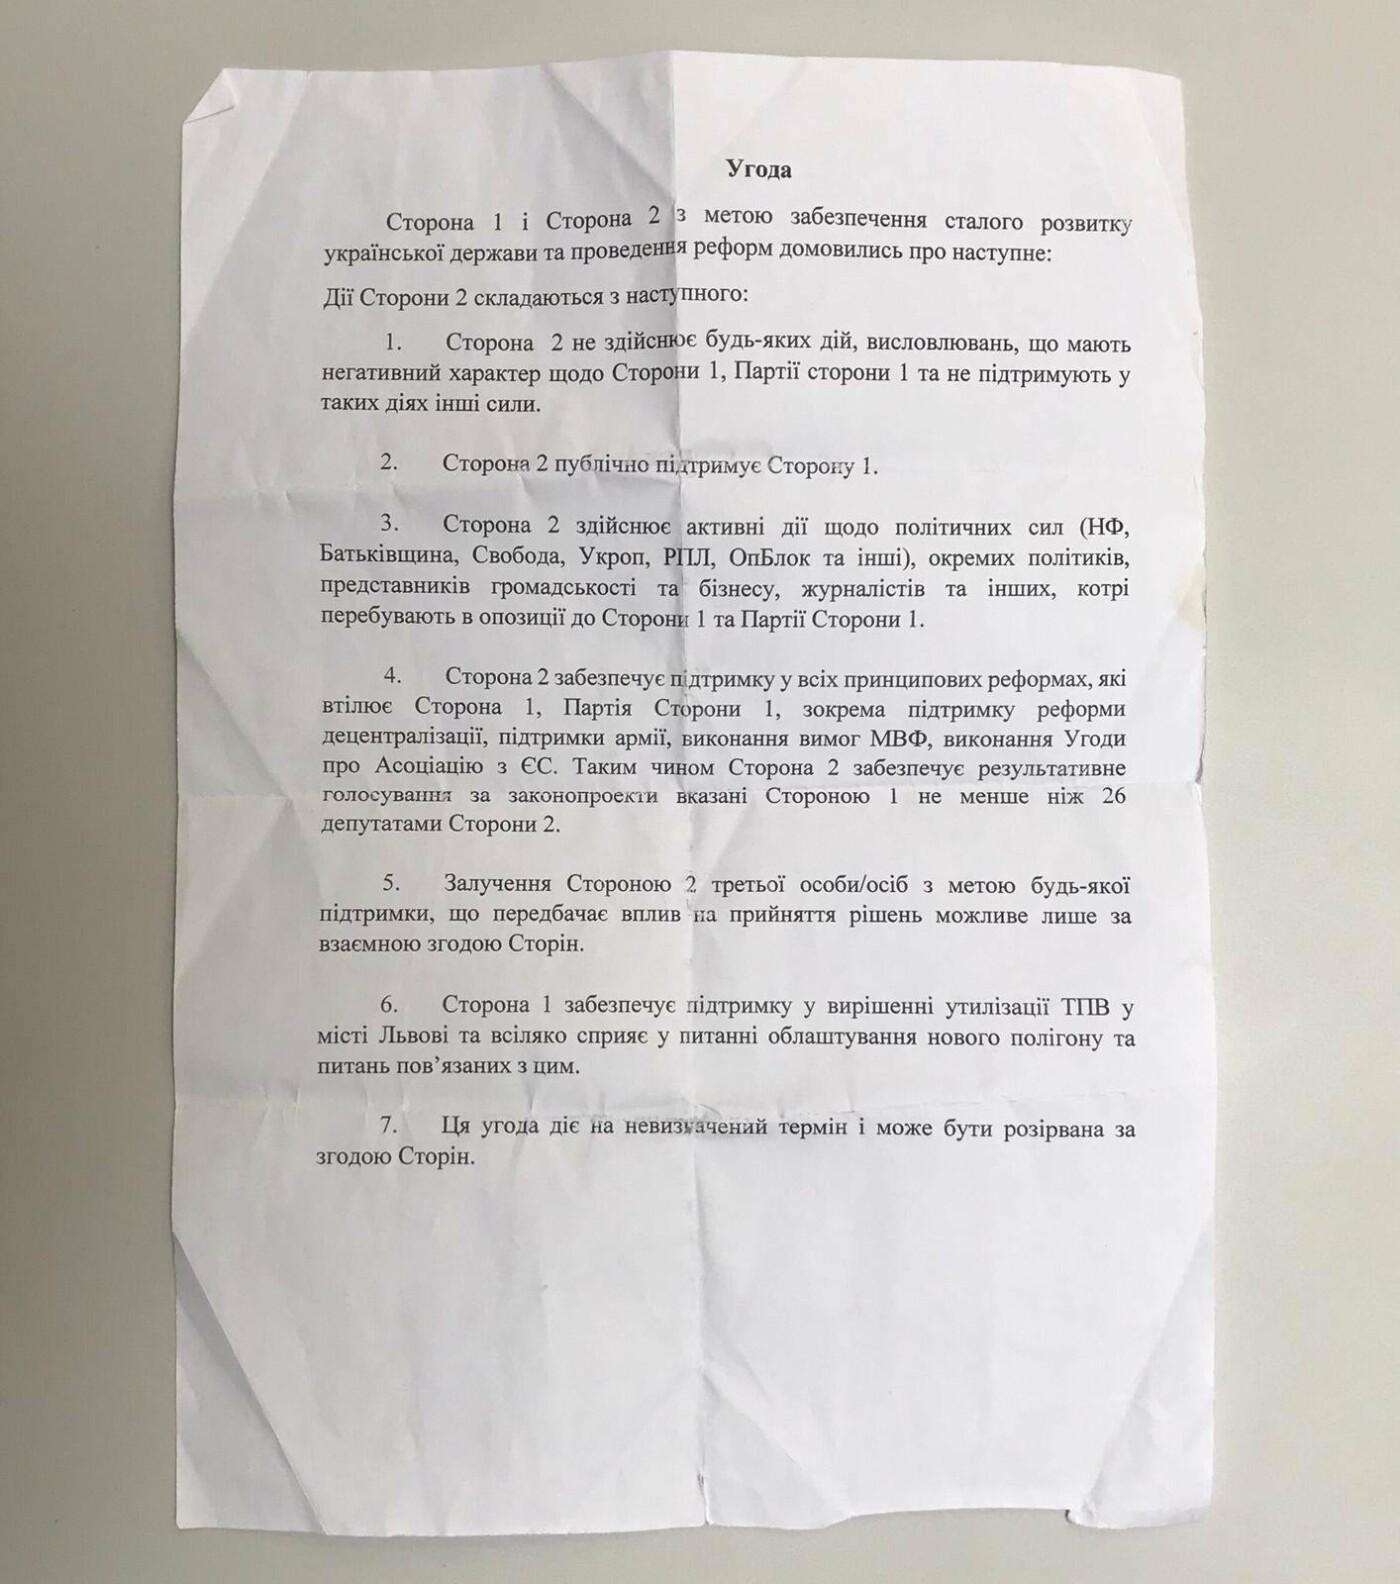 Ручная «Самопомощь» в обмен на вывоз мусора со Львова: что предлагали Садовому на Банковой (соглашение), фото-1